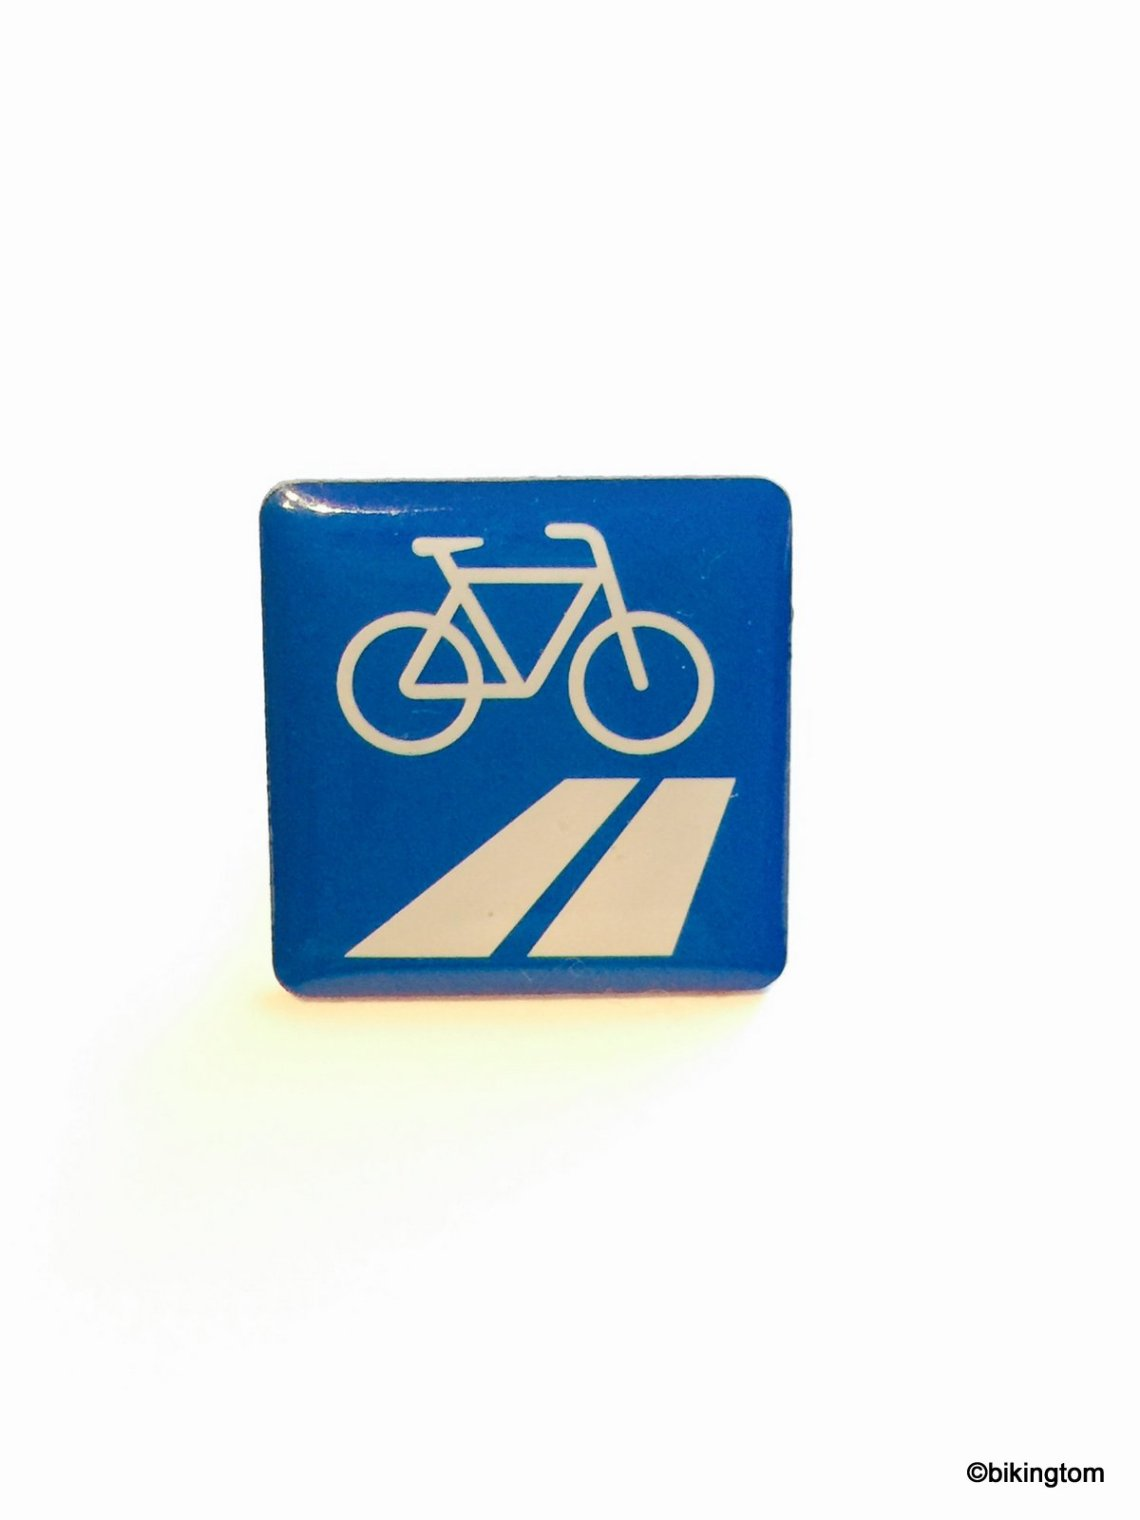 Radschnellweg RS1 Ruhrgebiet bikingtom